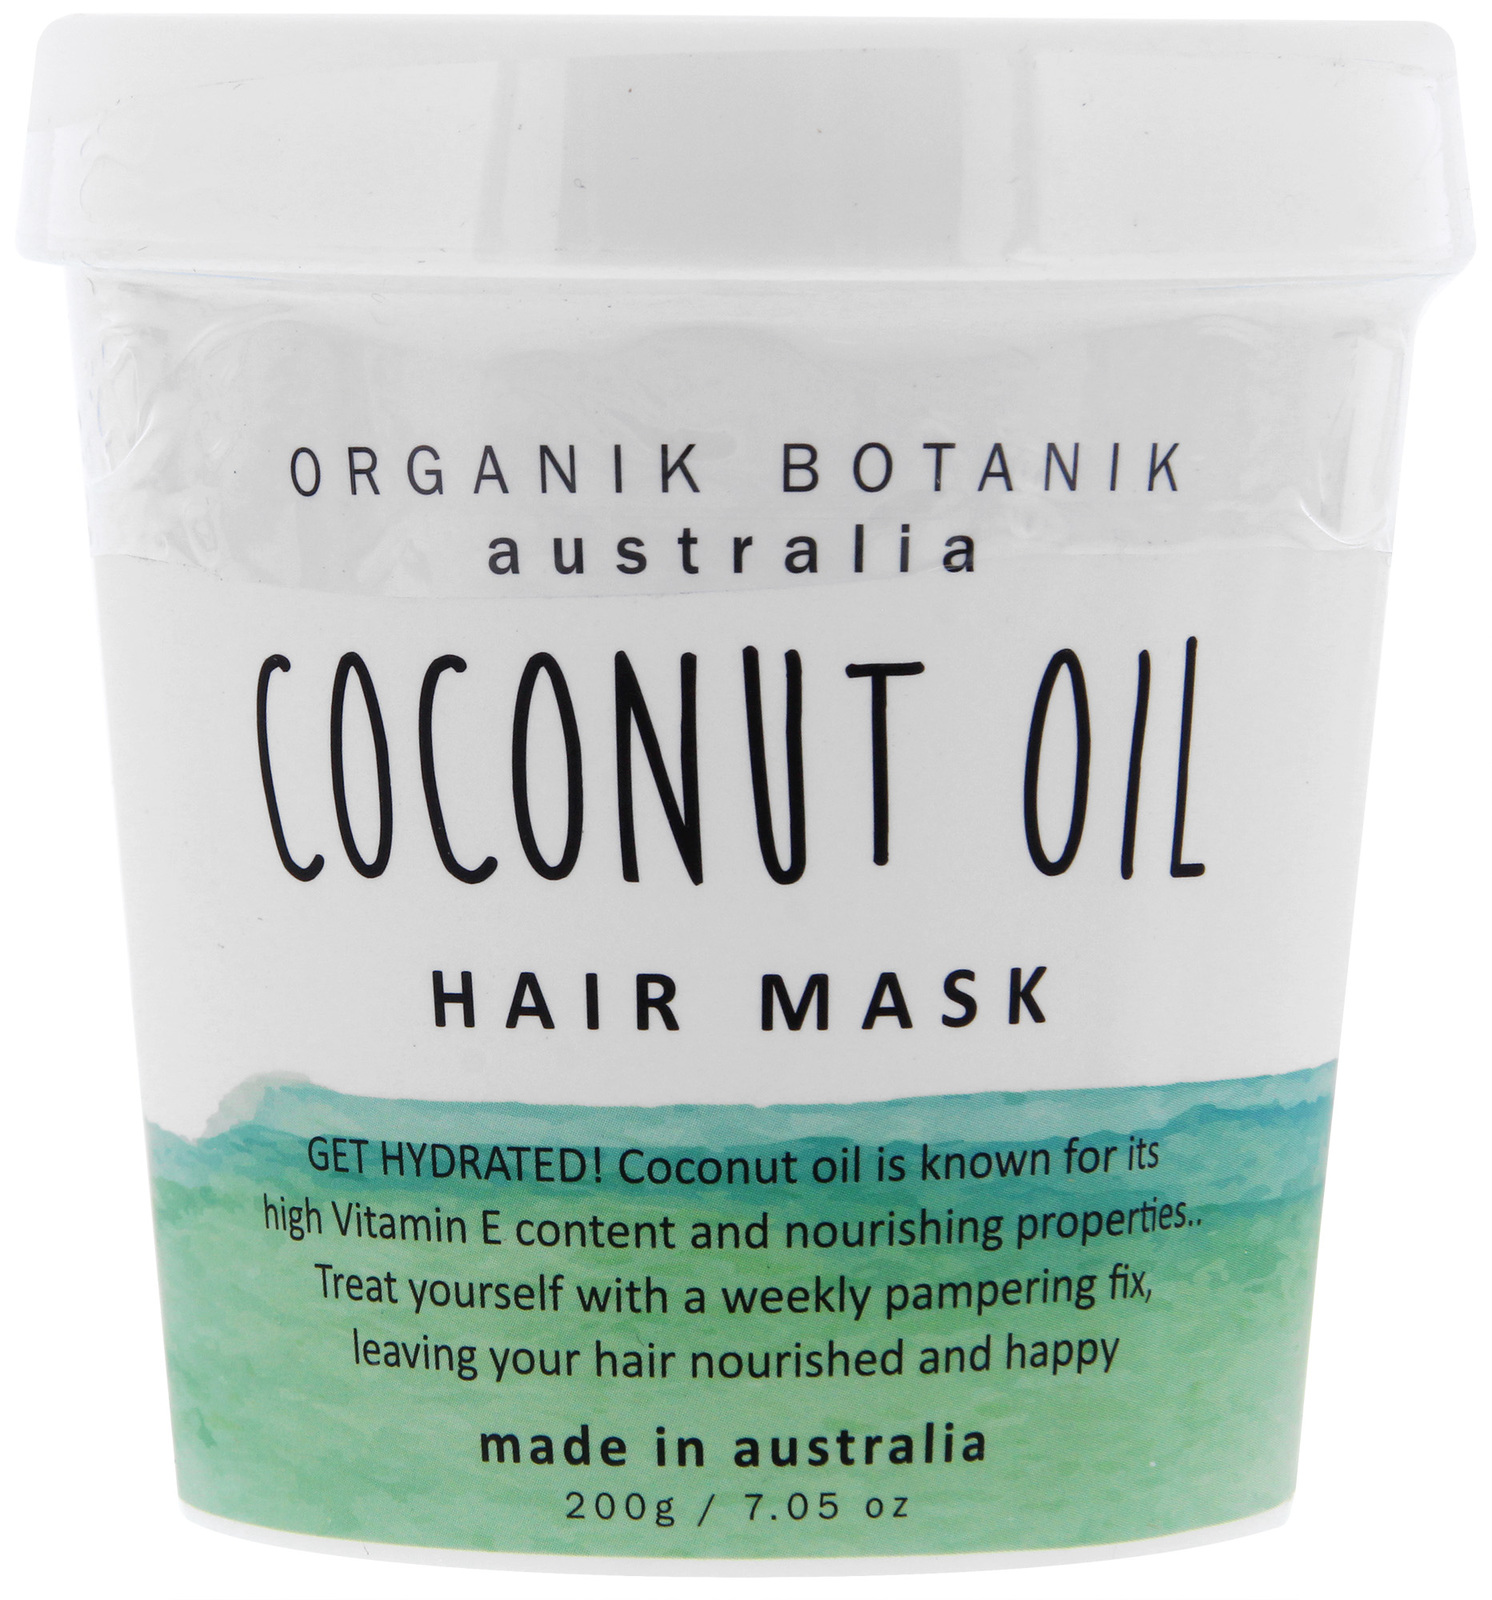 Organik Botanik Hair Mask - Coconut Oil (200gm) image